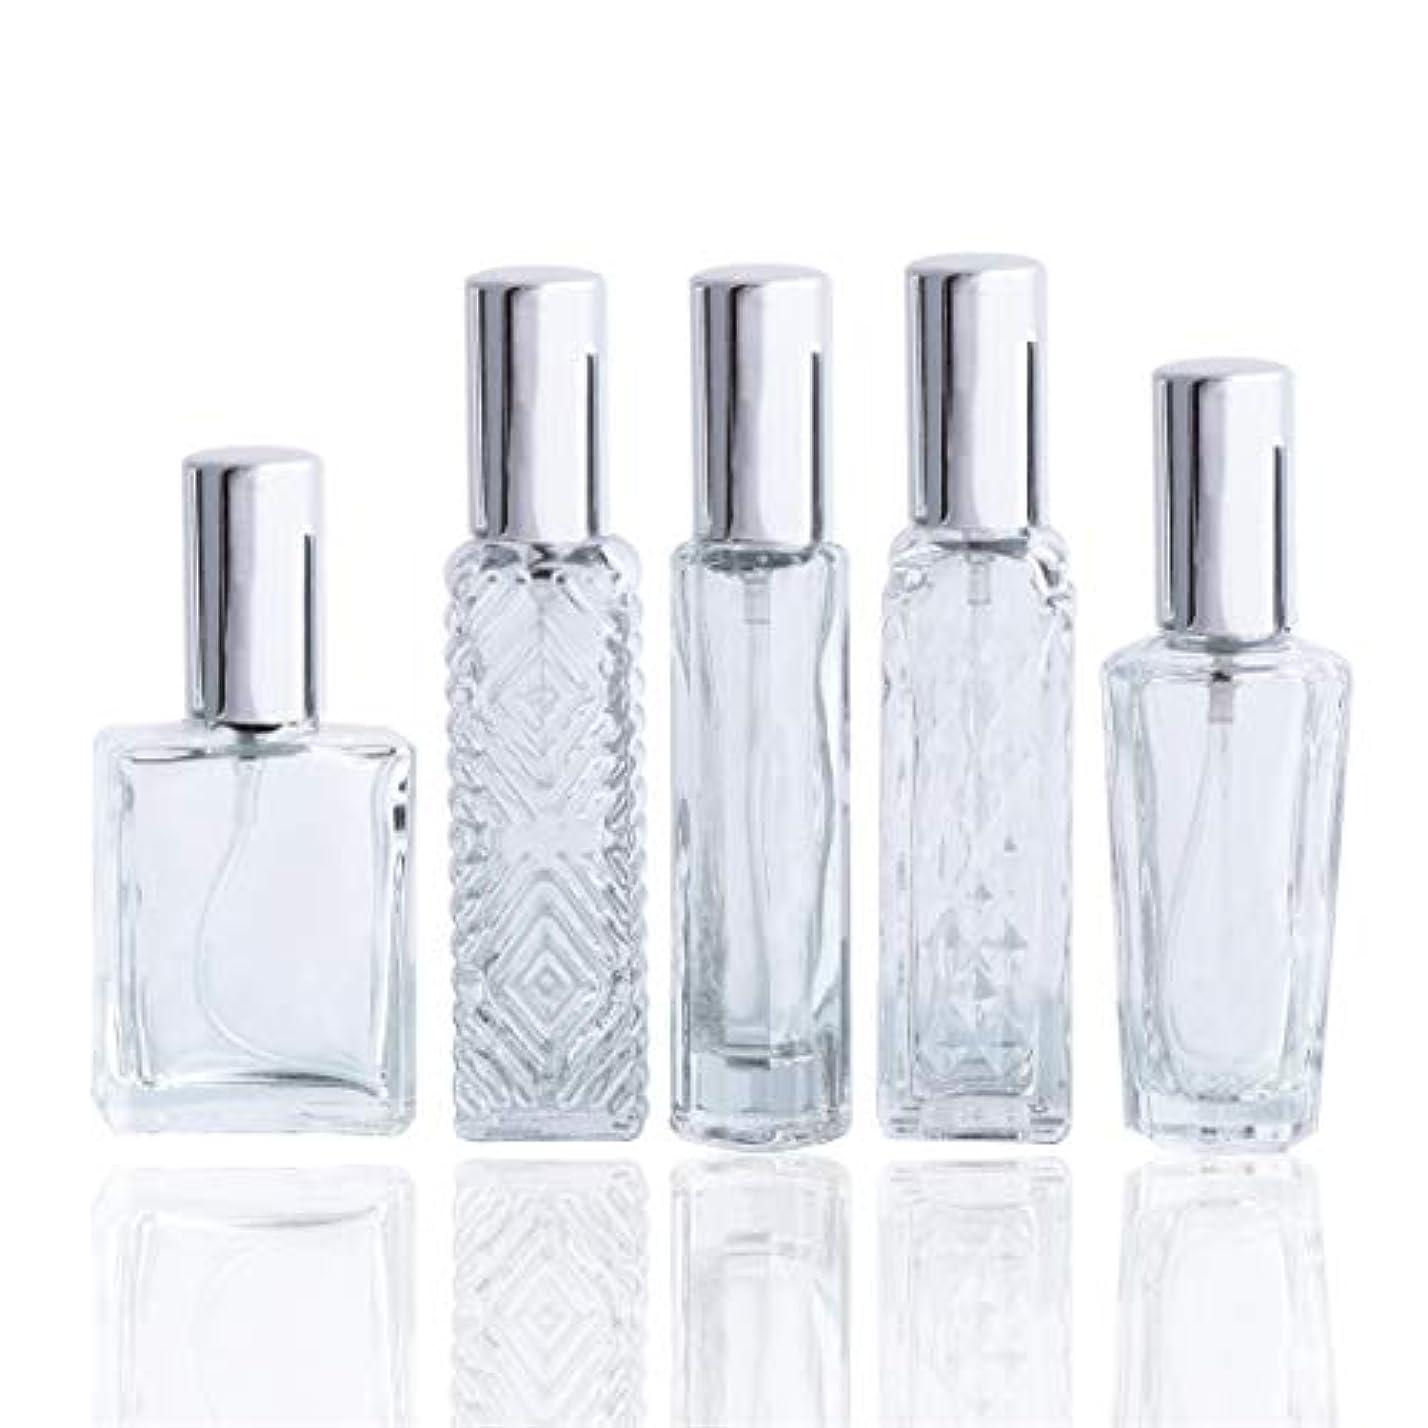 うまによって合唱団Waltz&Fクリアガラススプレー香水瓶 空きフレグランスボトル詰替用瓶アトマイザー分け瓶 旅行用品 化粧水用瓶